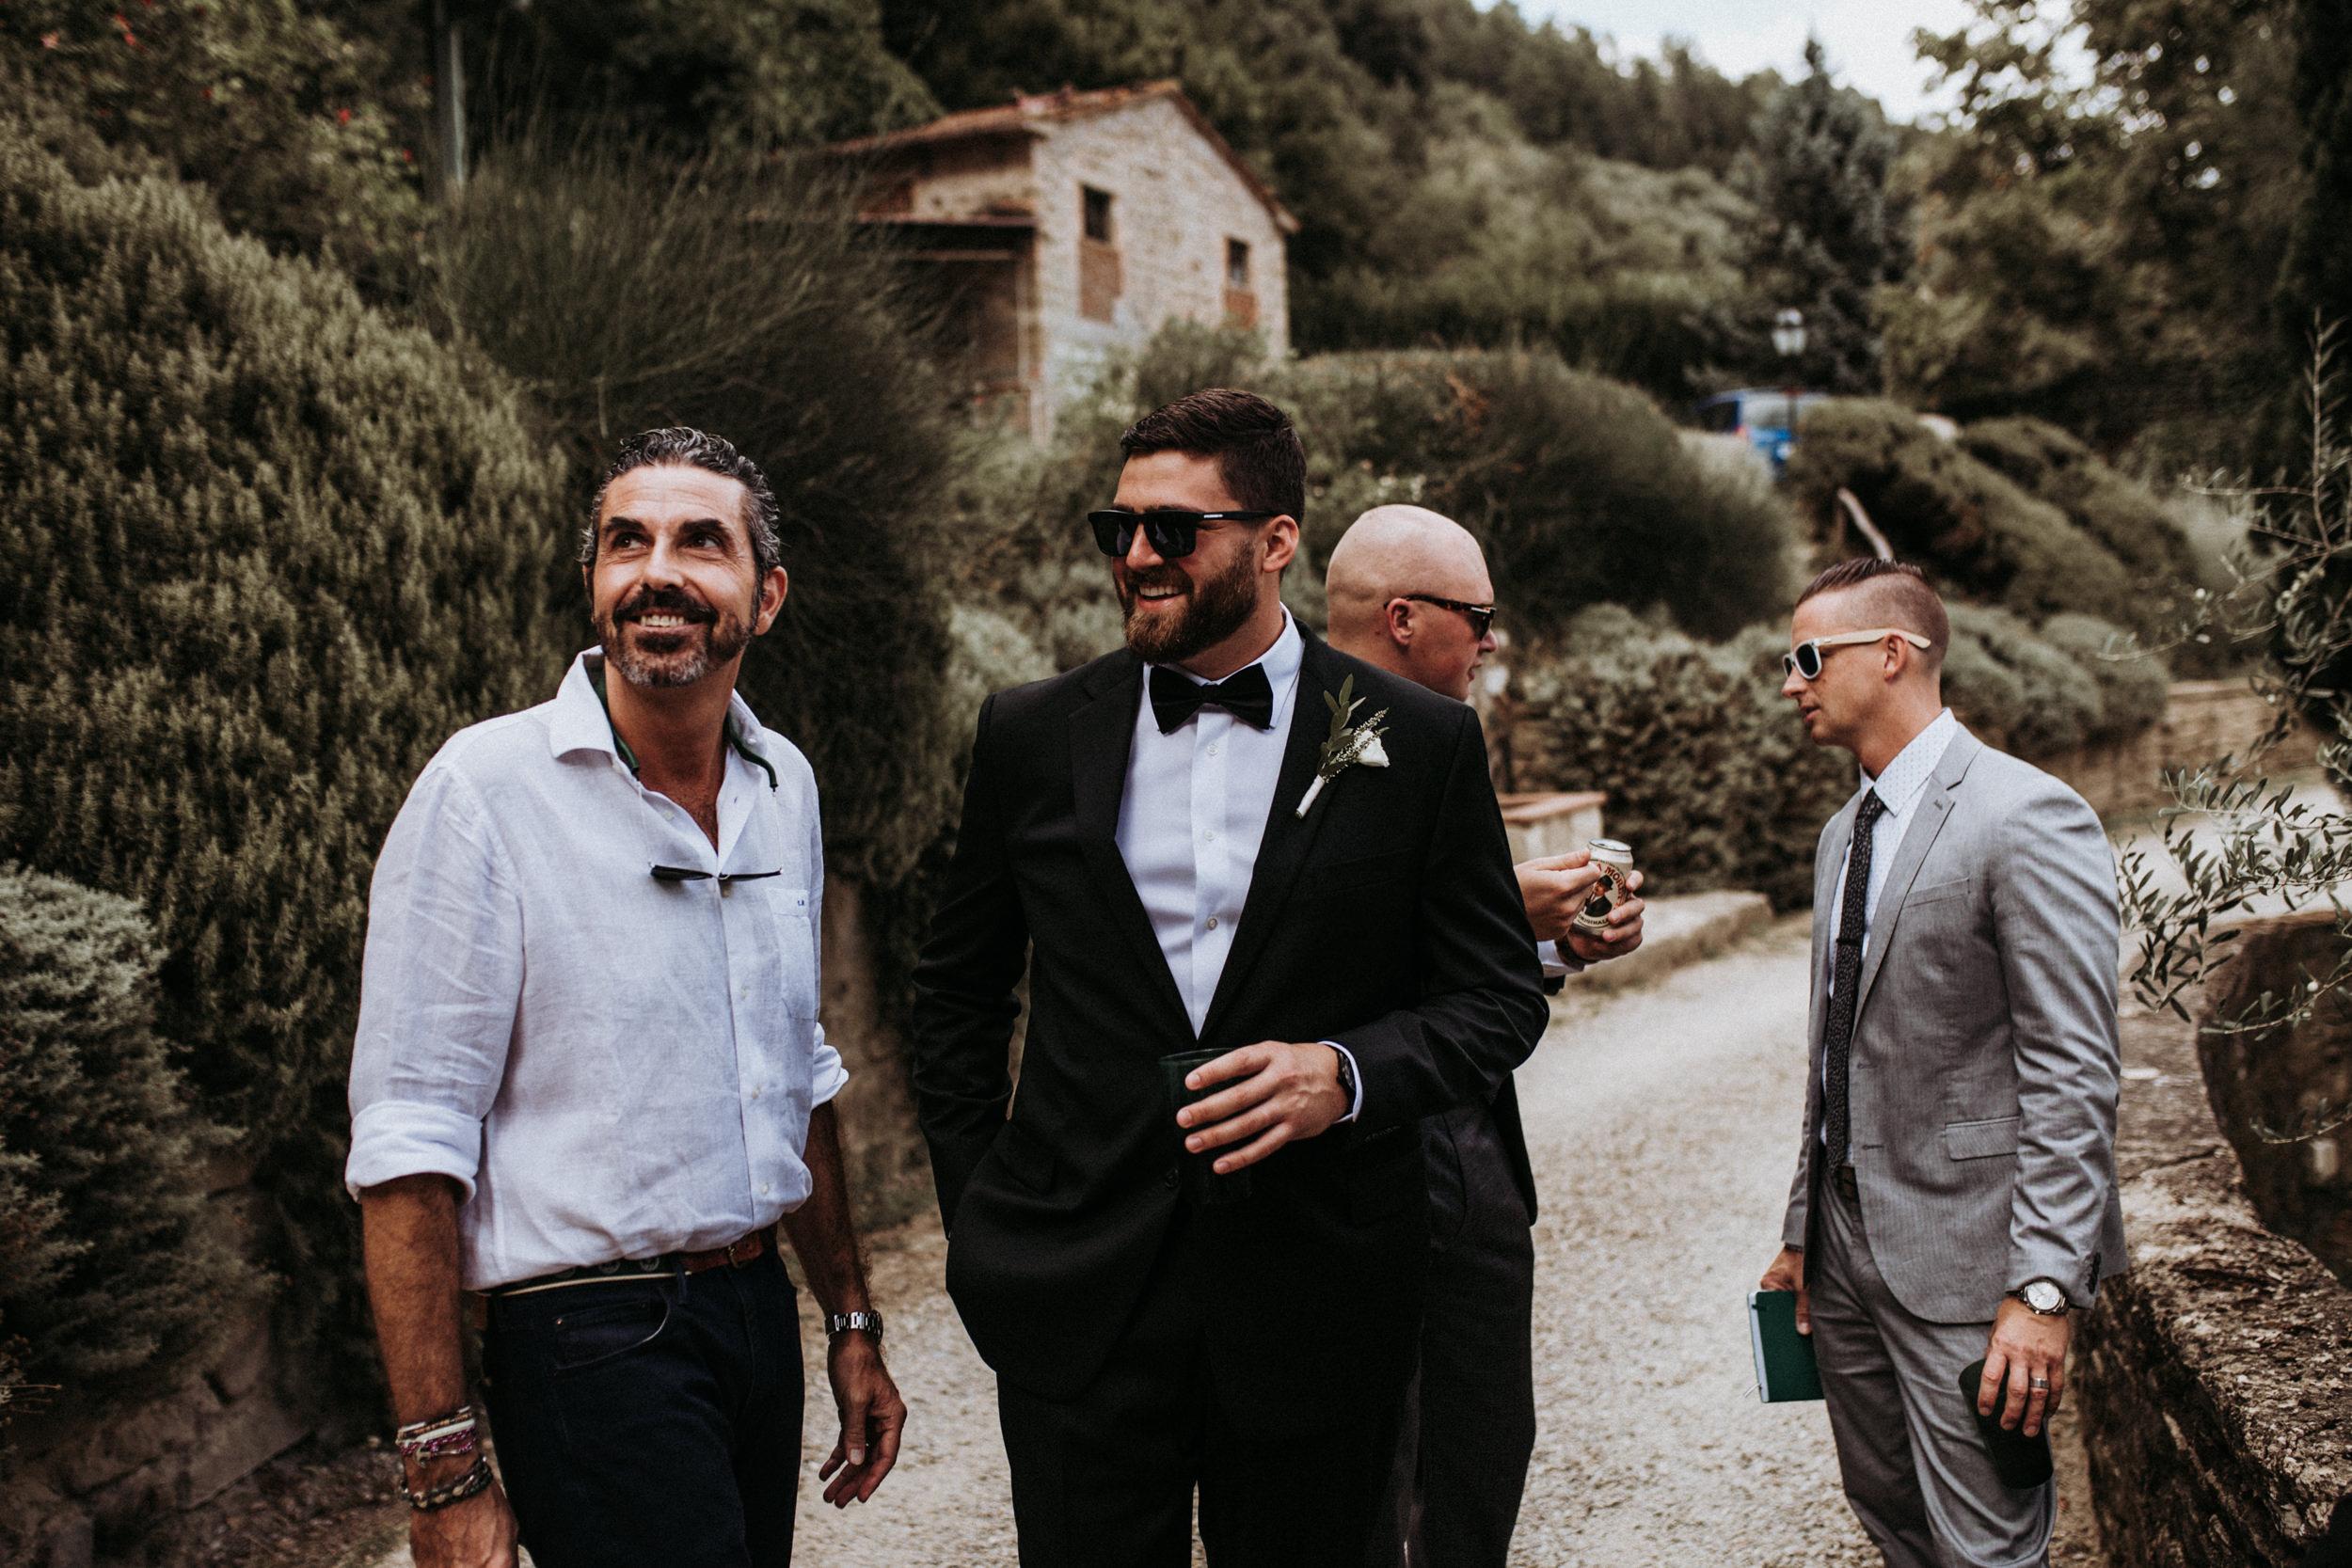 dm_photography_KW_Tuscanyweddingday_182